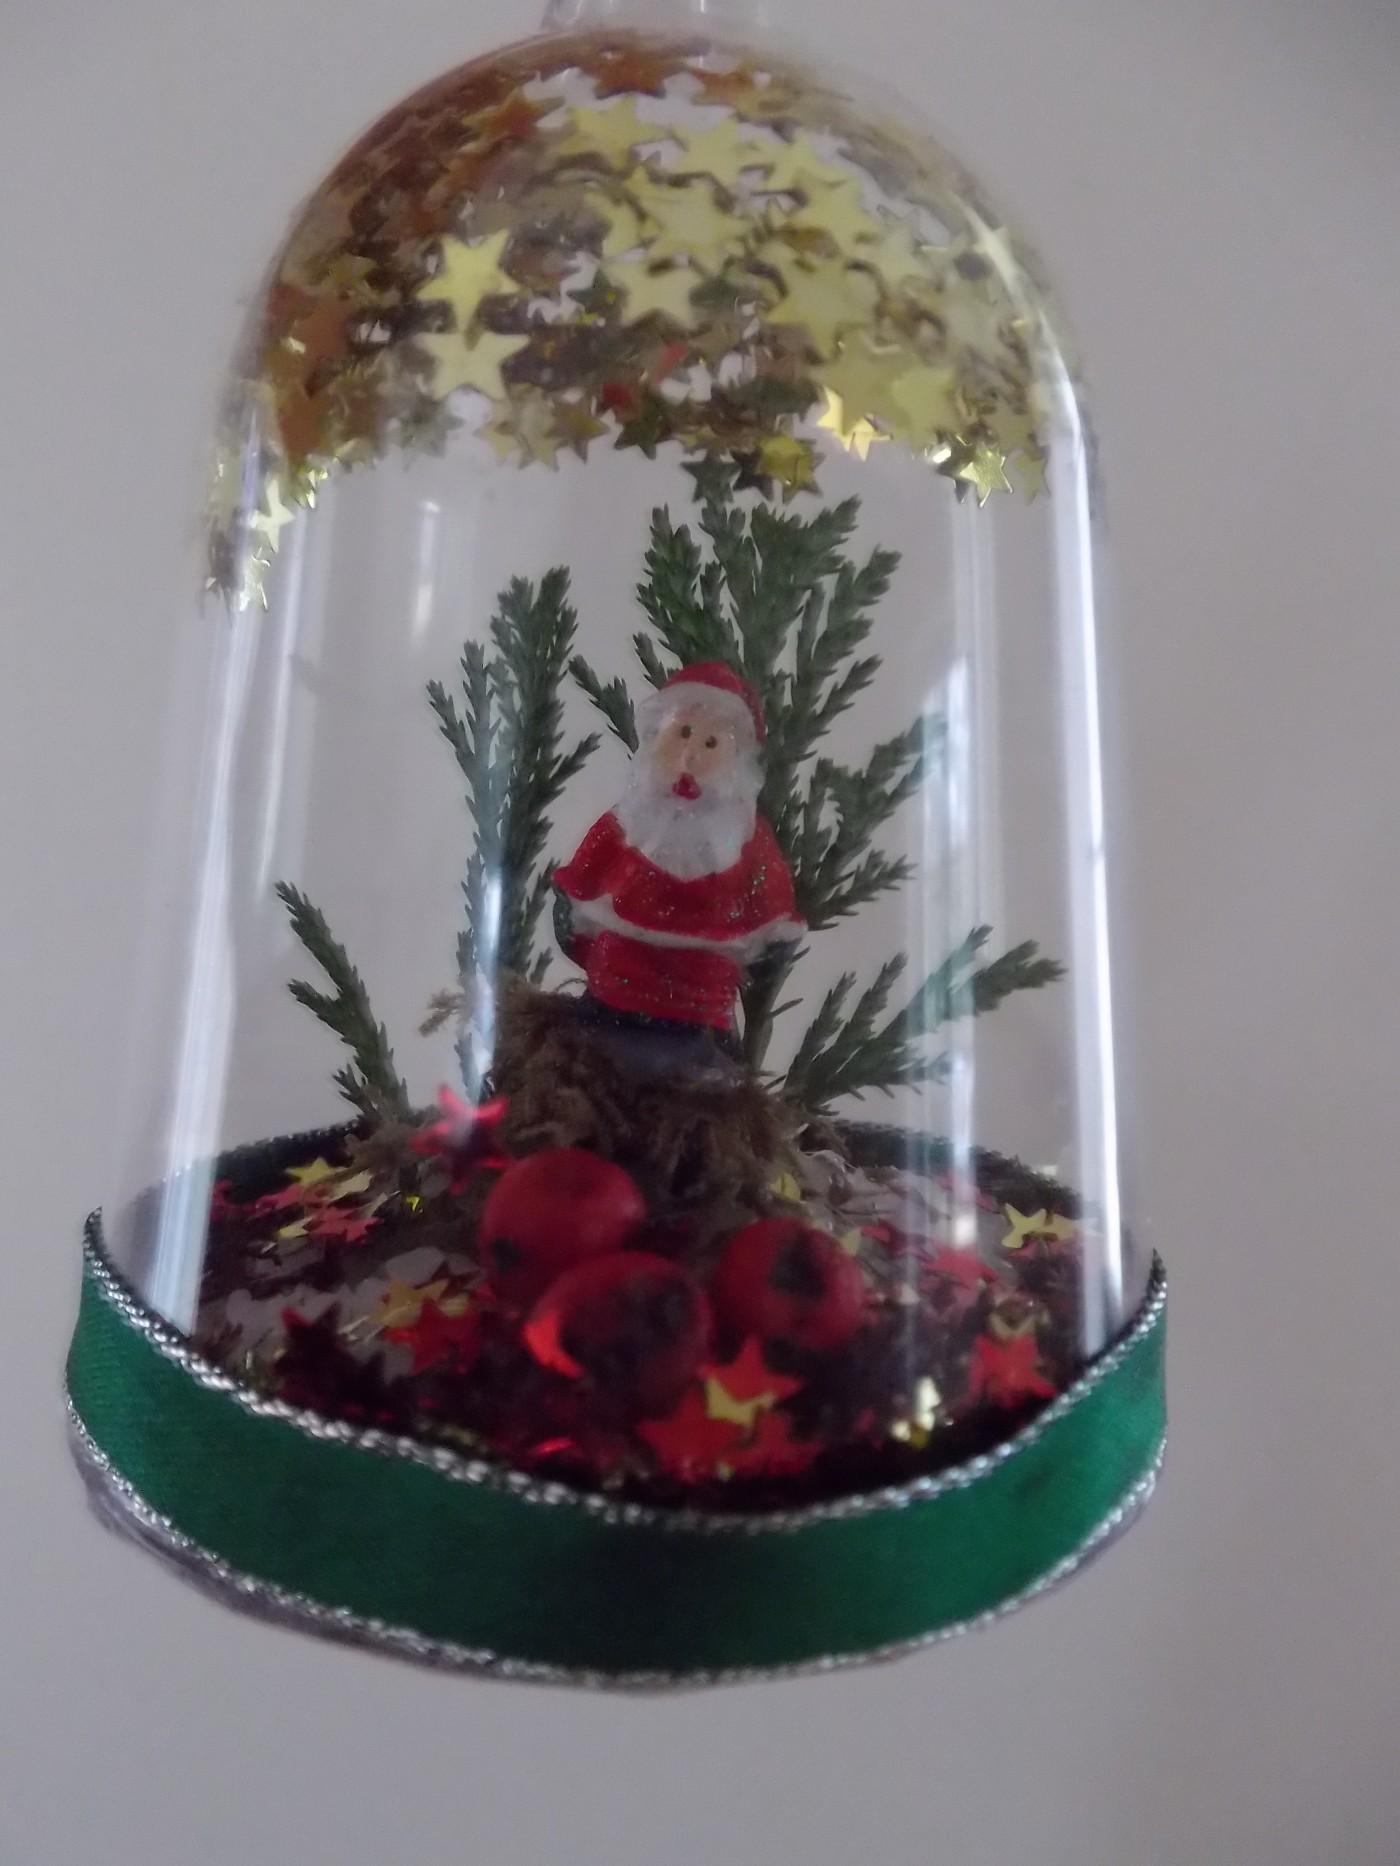 Comment Decorer Un Verre En Plastique A Pied Pour Noel